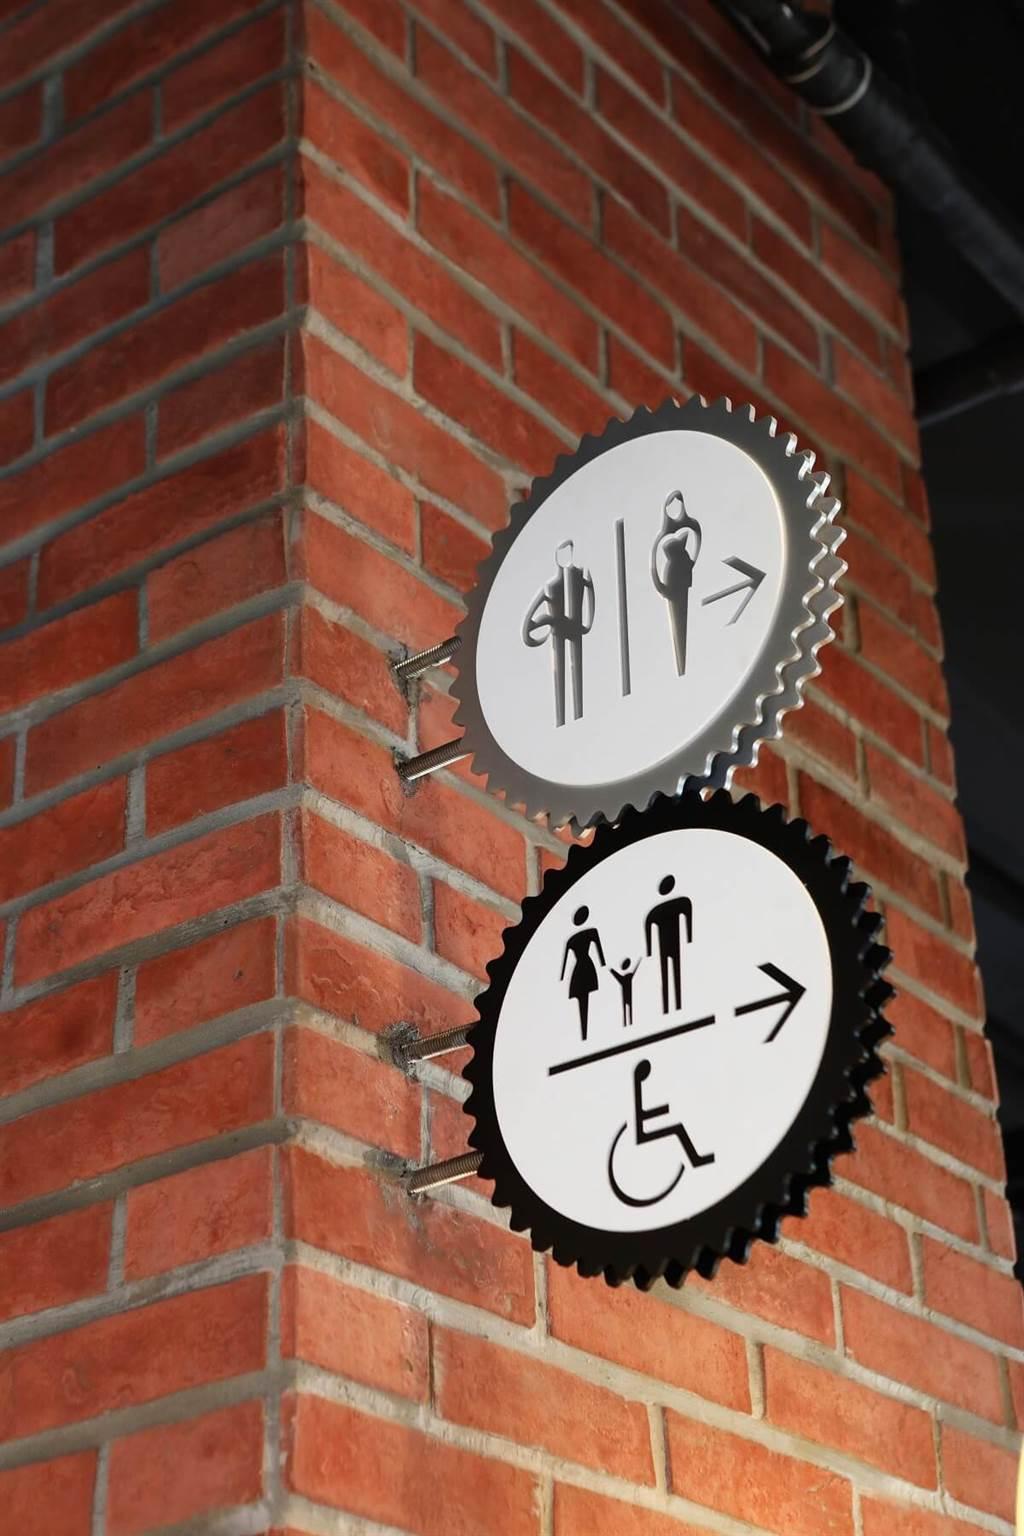 全館指標系統以大量齒輪狀,呈現轉動及往前行的意涵。